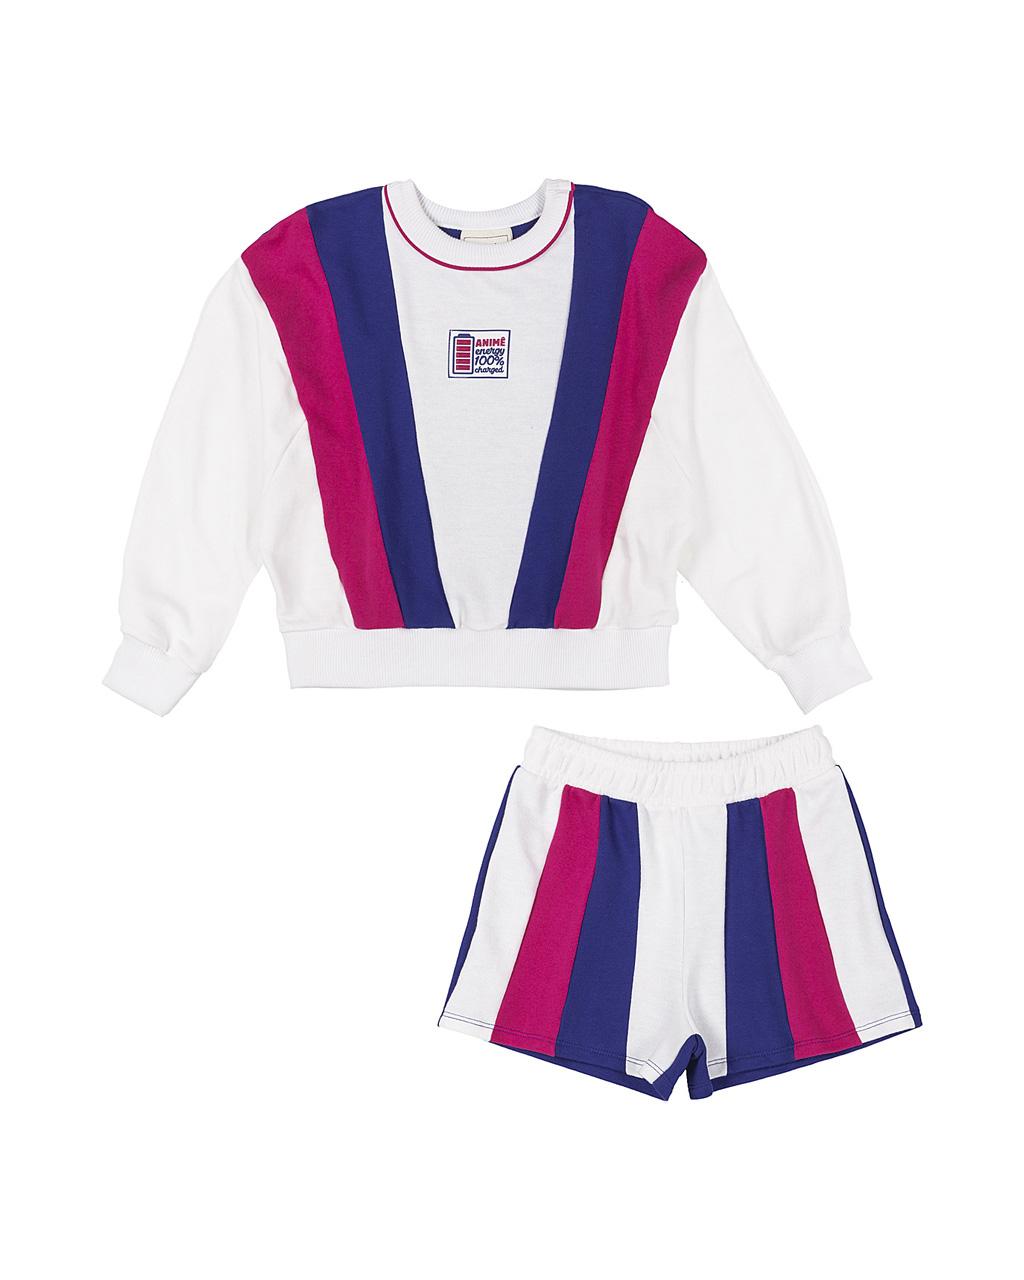 Conjunto Infantil Blusa e Shorts de Moletom Recotes Off Pink Azul Royal Animê